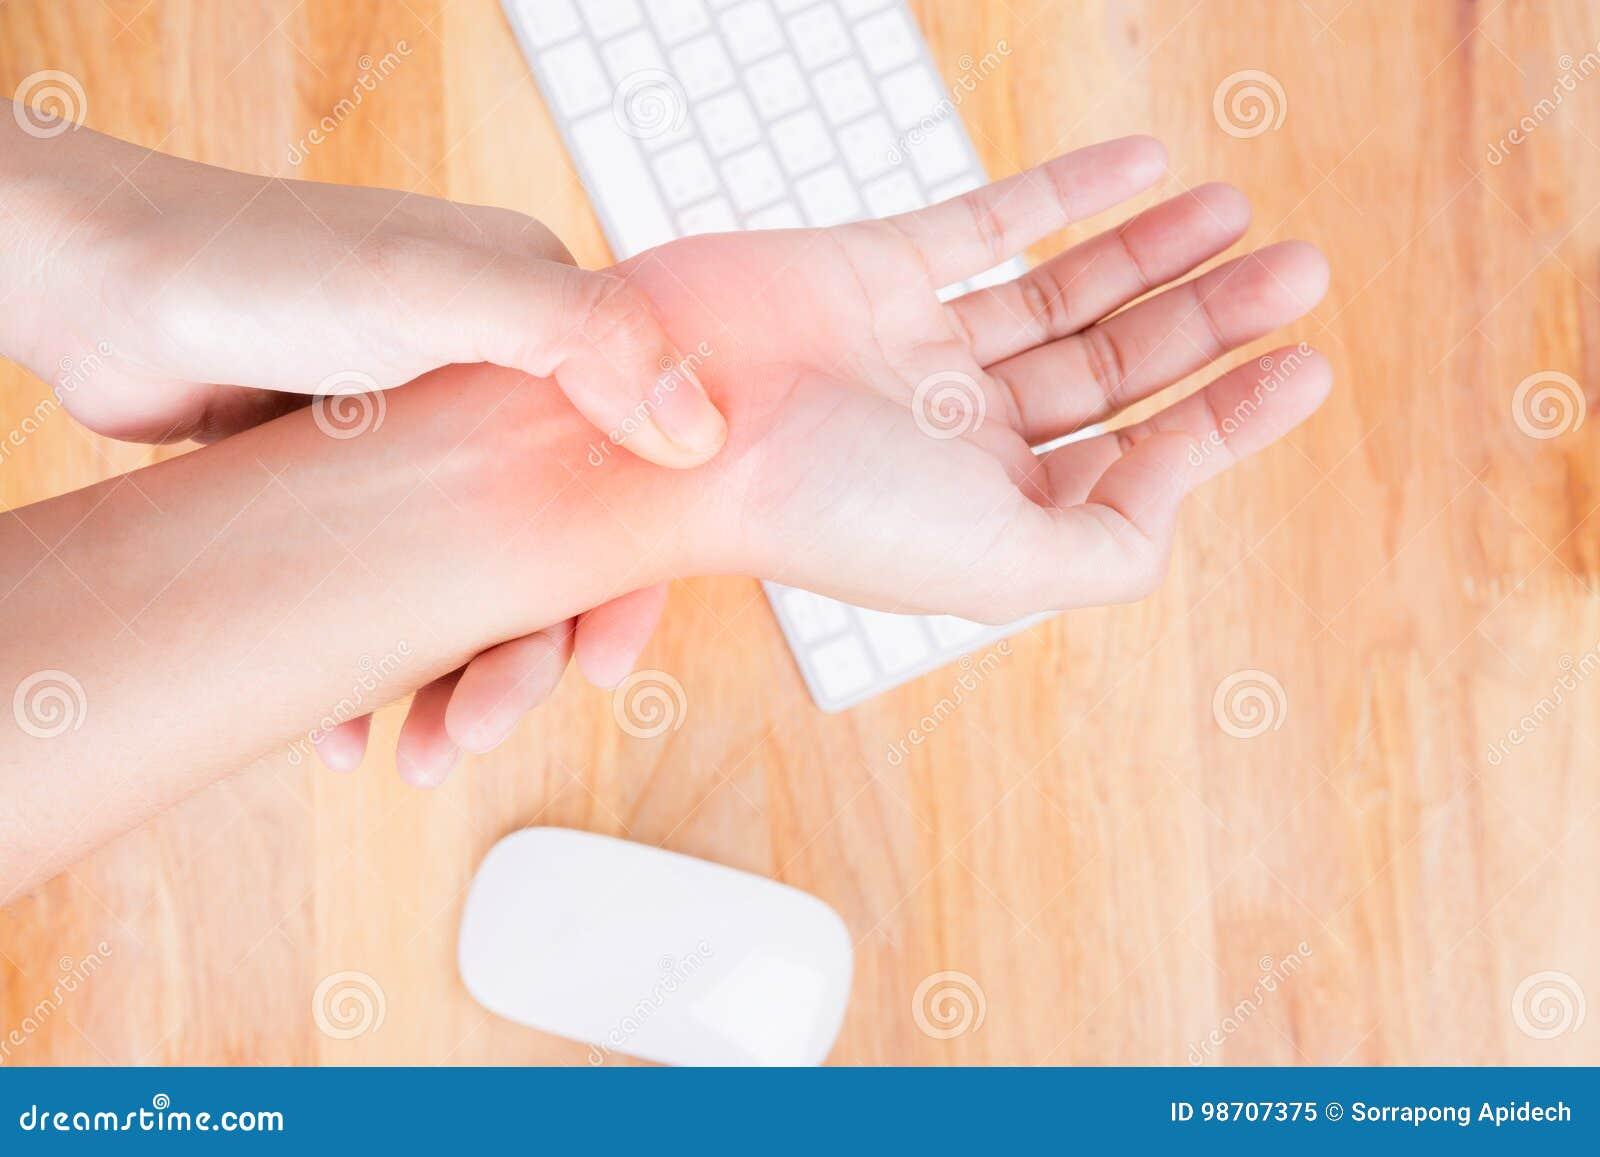 Asiatin, die schmerzliche Hand massiert